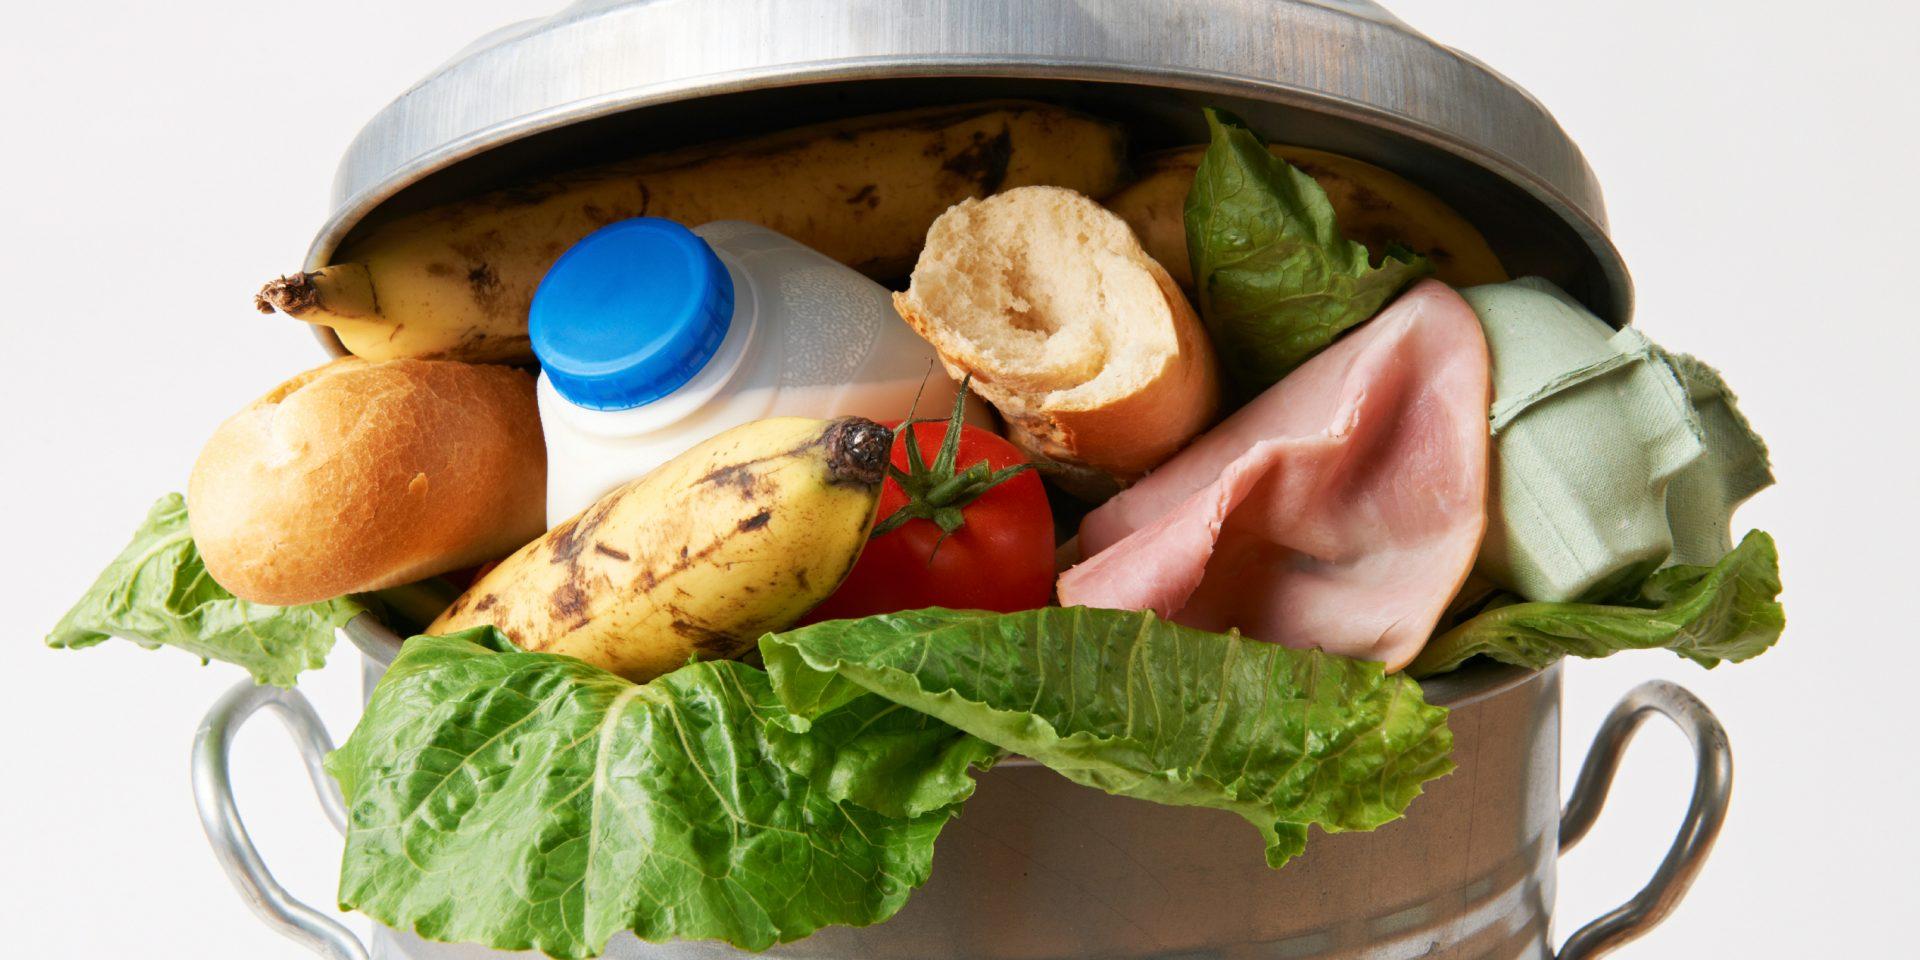 Det är dags att få stopp på svinnet - men framtidens mat behöver också vara växtbaserad.